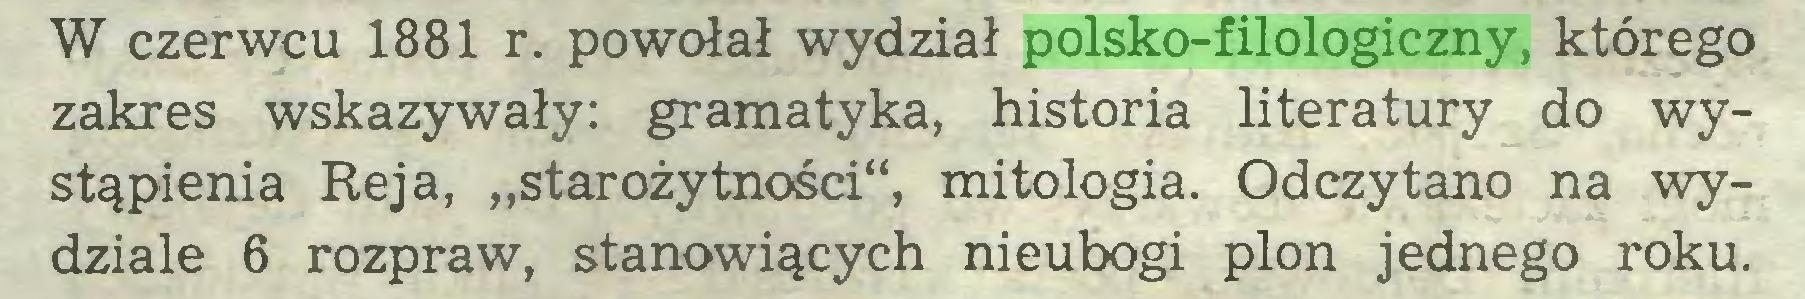 """(...) W czerwcu 1881 r. powołał wydział polsko-filologiczny, którego zakres wskazywały: gramatyka, historia literatury do wystąpienia Reja, """"starożytności"""", mitologia. Odczytano na wydziale 6 rozpraw, stanowiących nieubogi plon jednego roku..."""